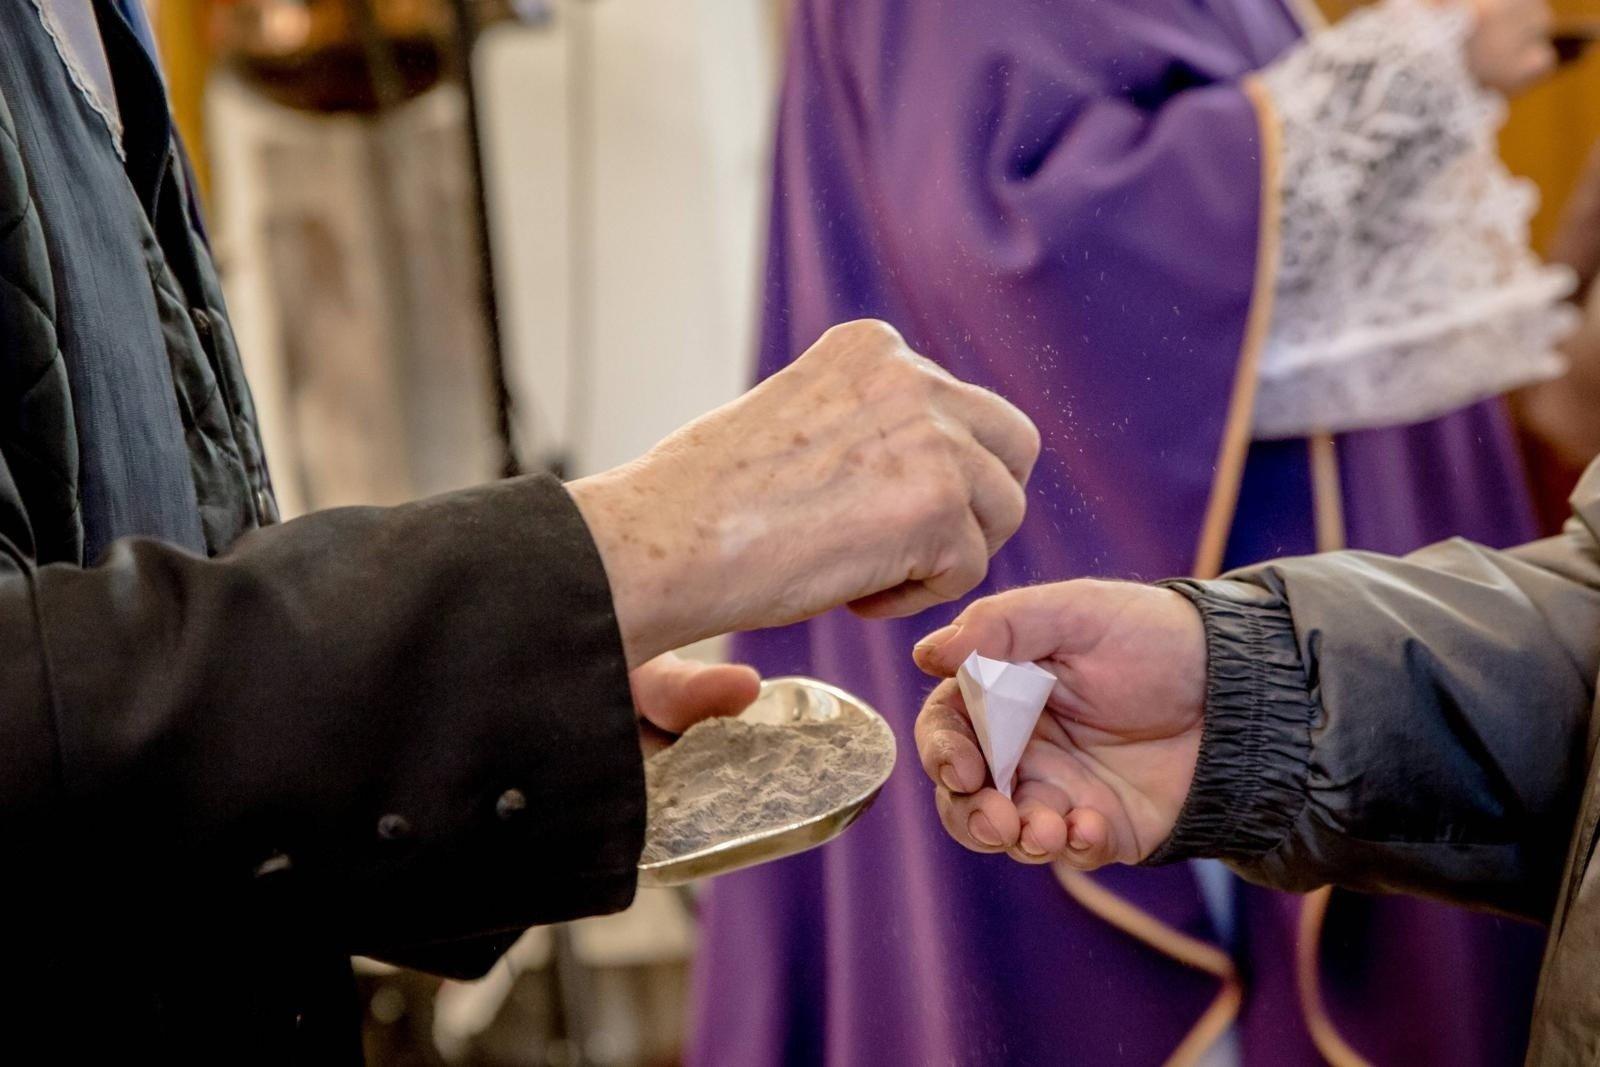 Środa Popielcowa - post ścisły obowiązuje większość katolików. Czego nie można jeść w Popielec? | Gazeta Pomorska